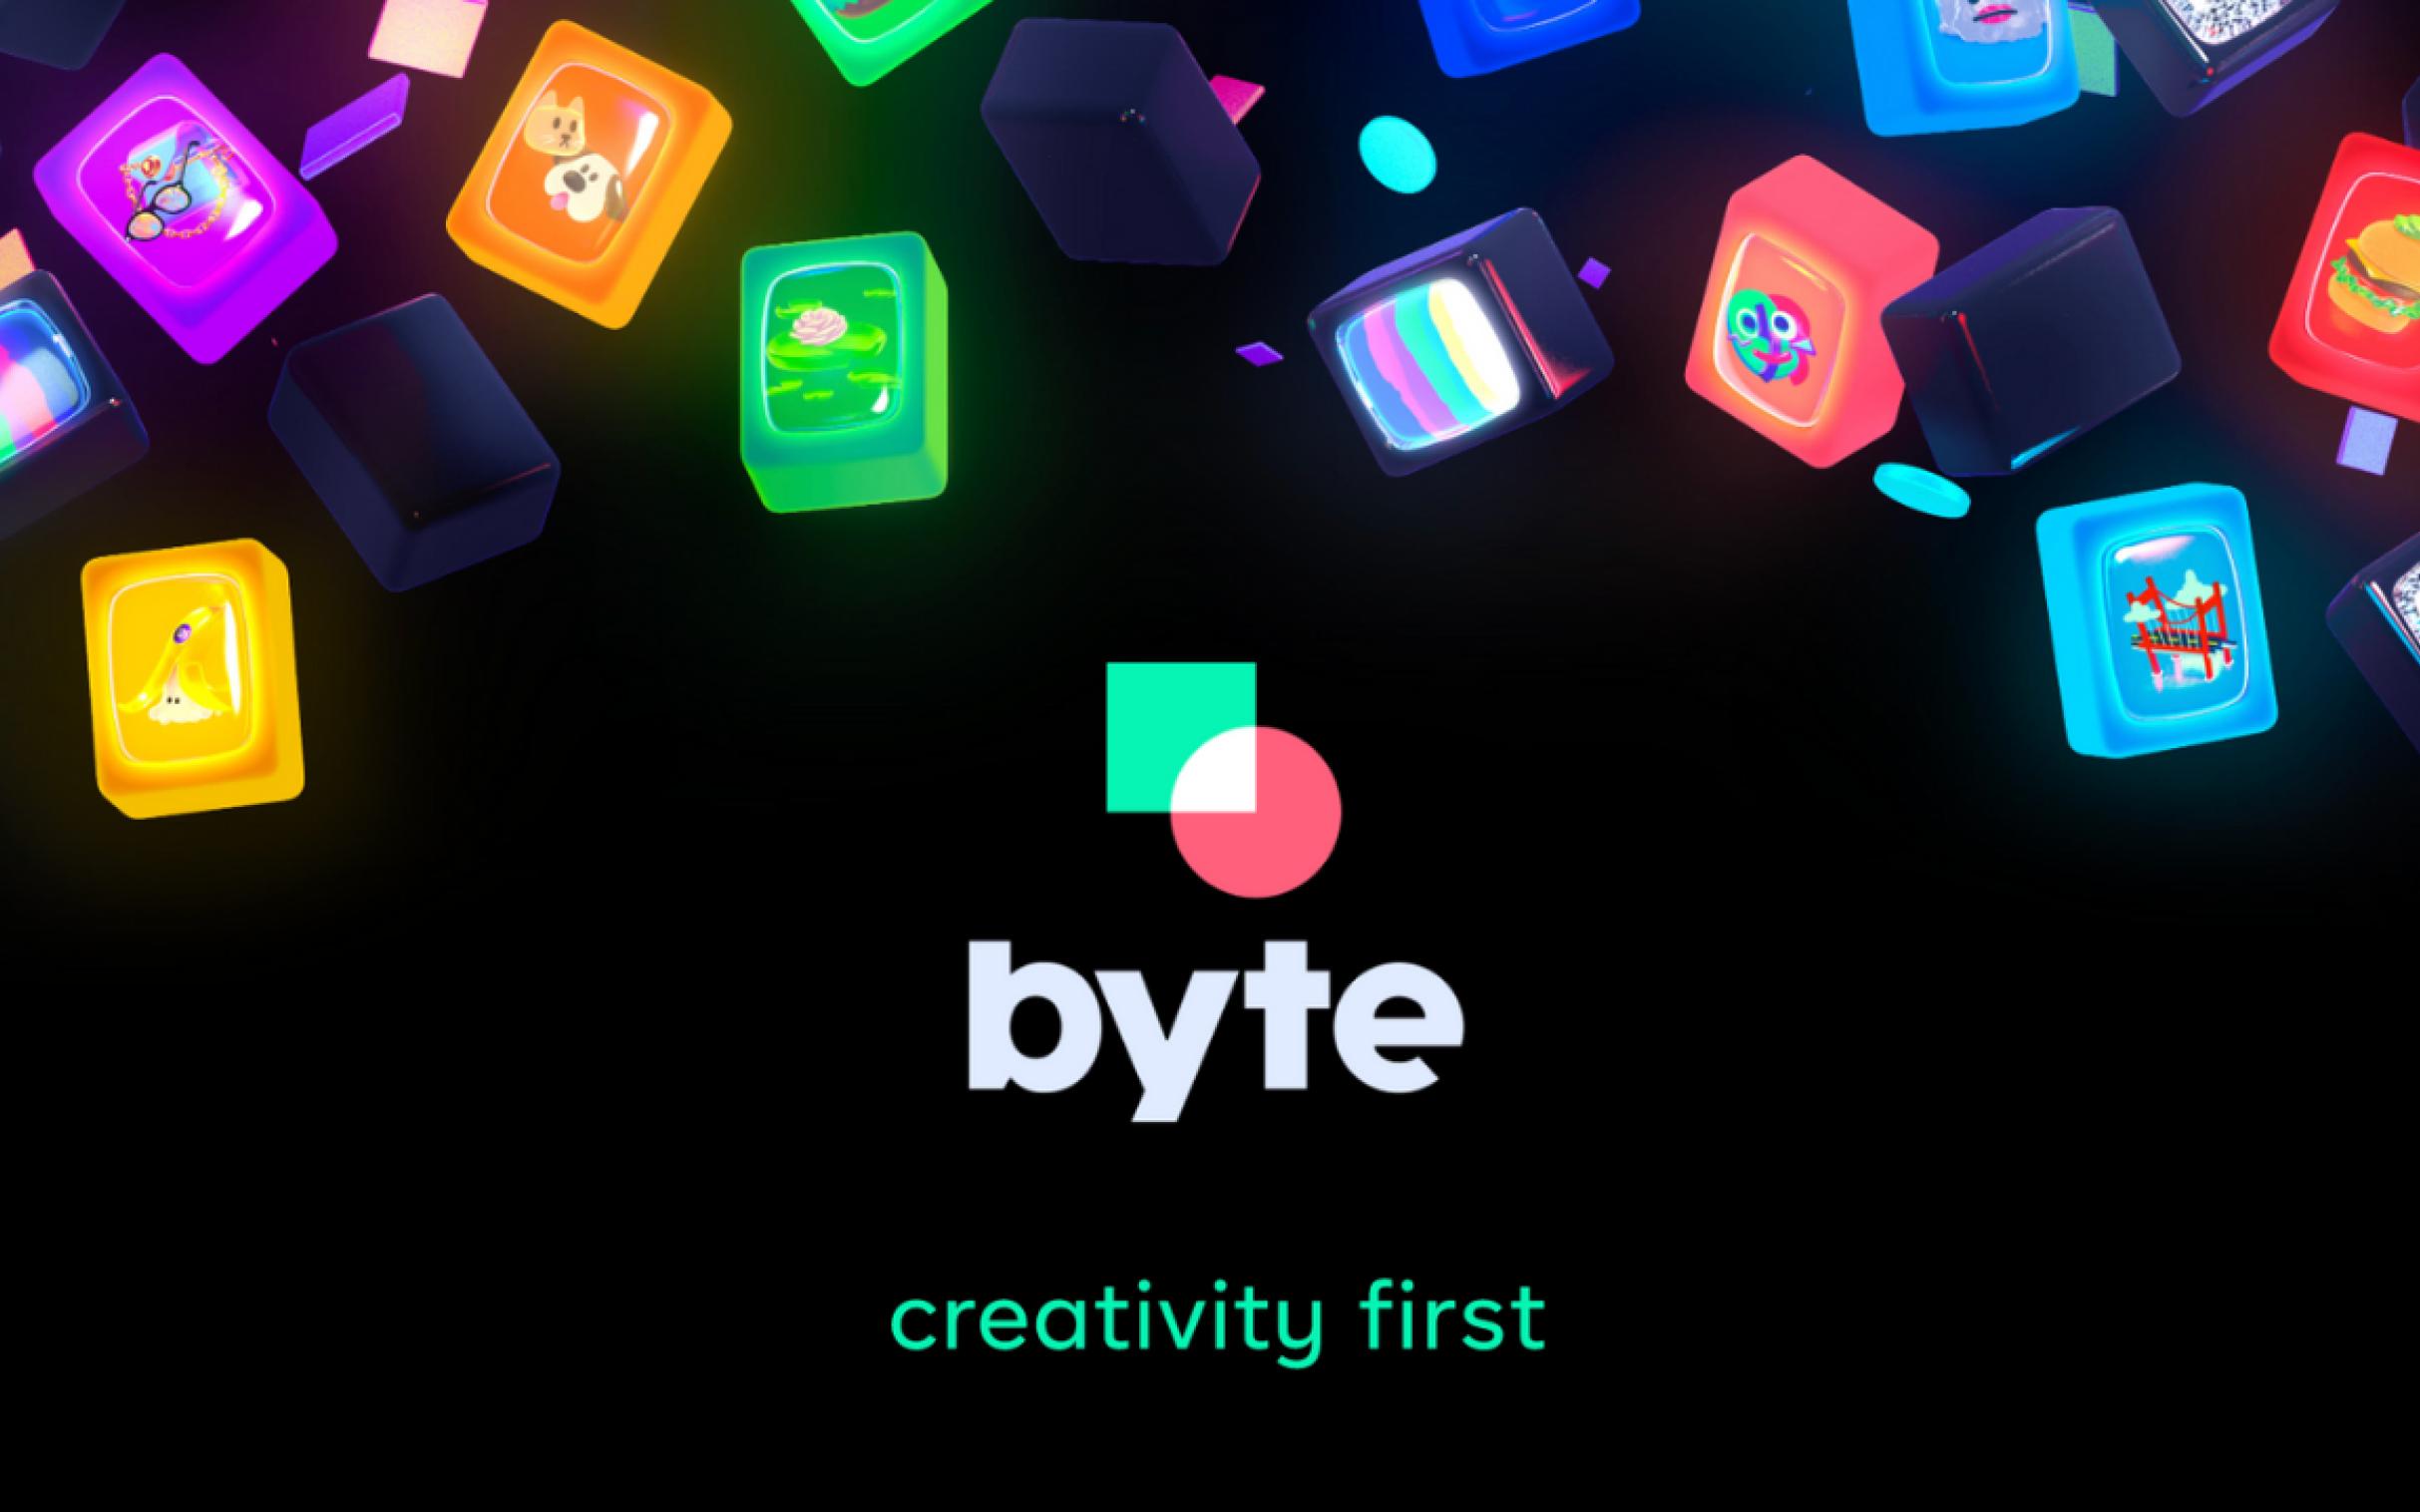 Tiembla Tik-Tok: Vine vuelve a los vídeos de seis segundos con Byte